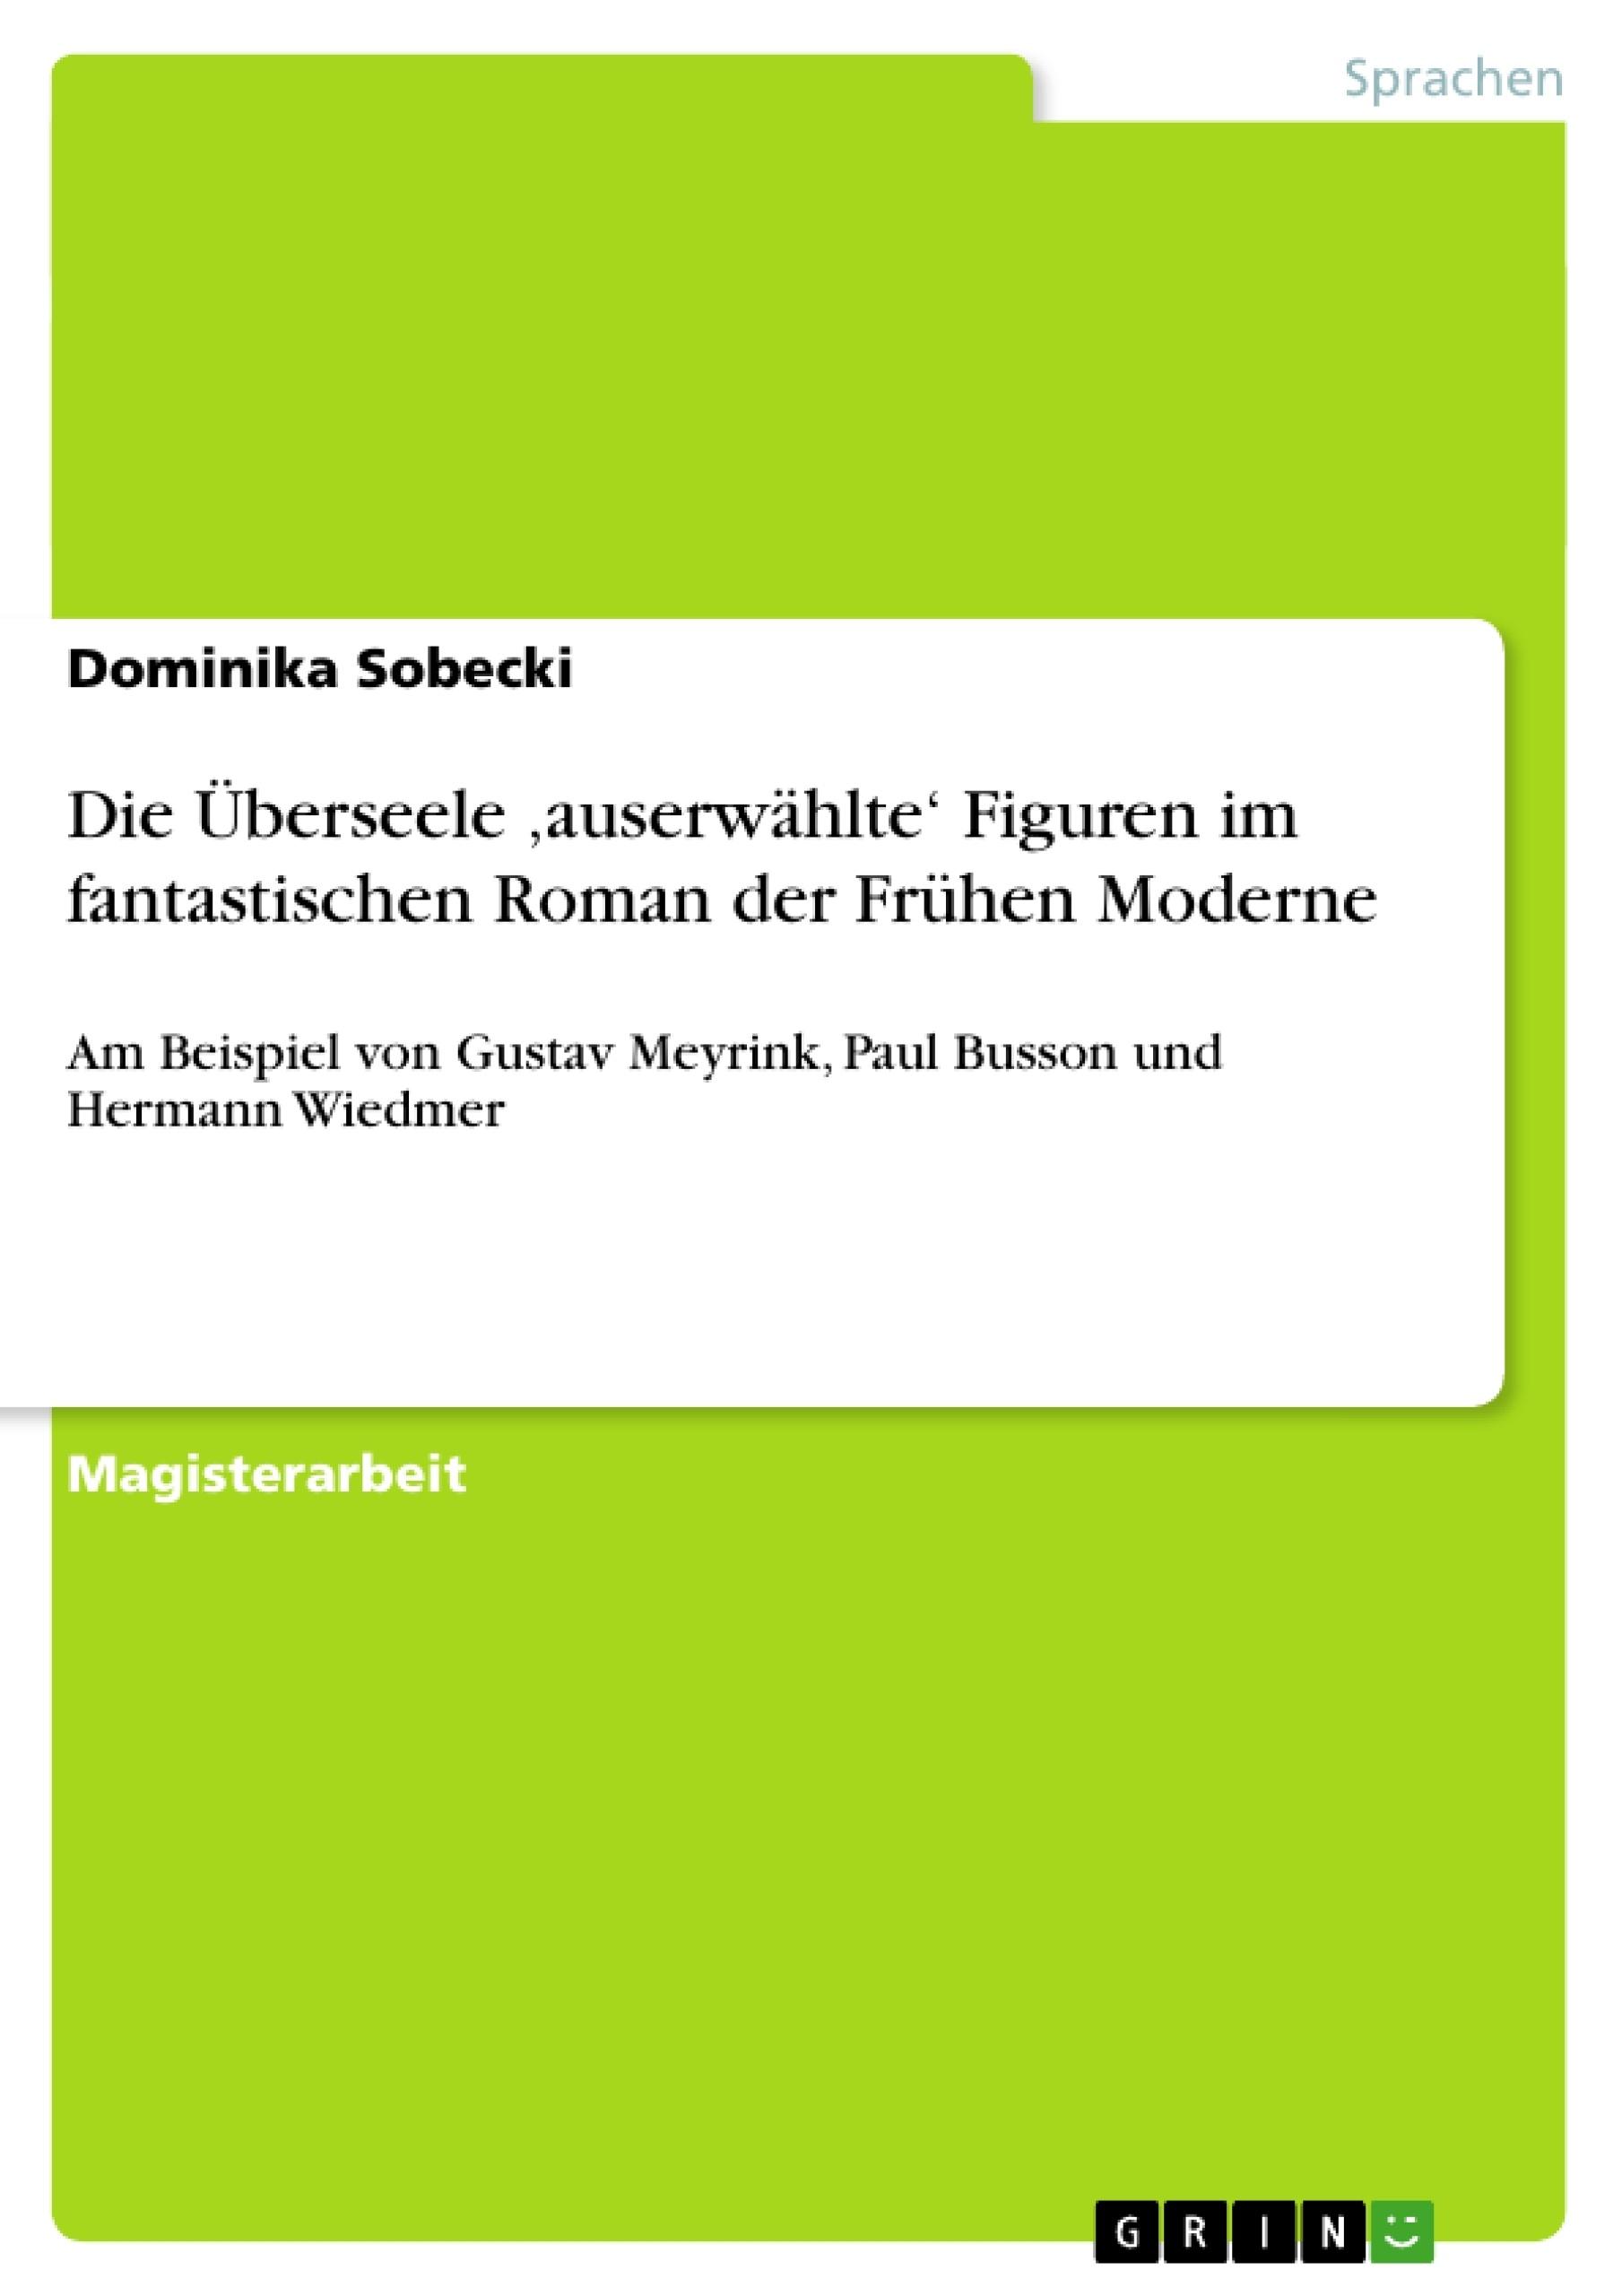 Titel: Die Überseele 'auserwählte' Figuren im fantastischen Roman der Frühen Moderne